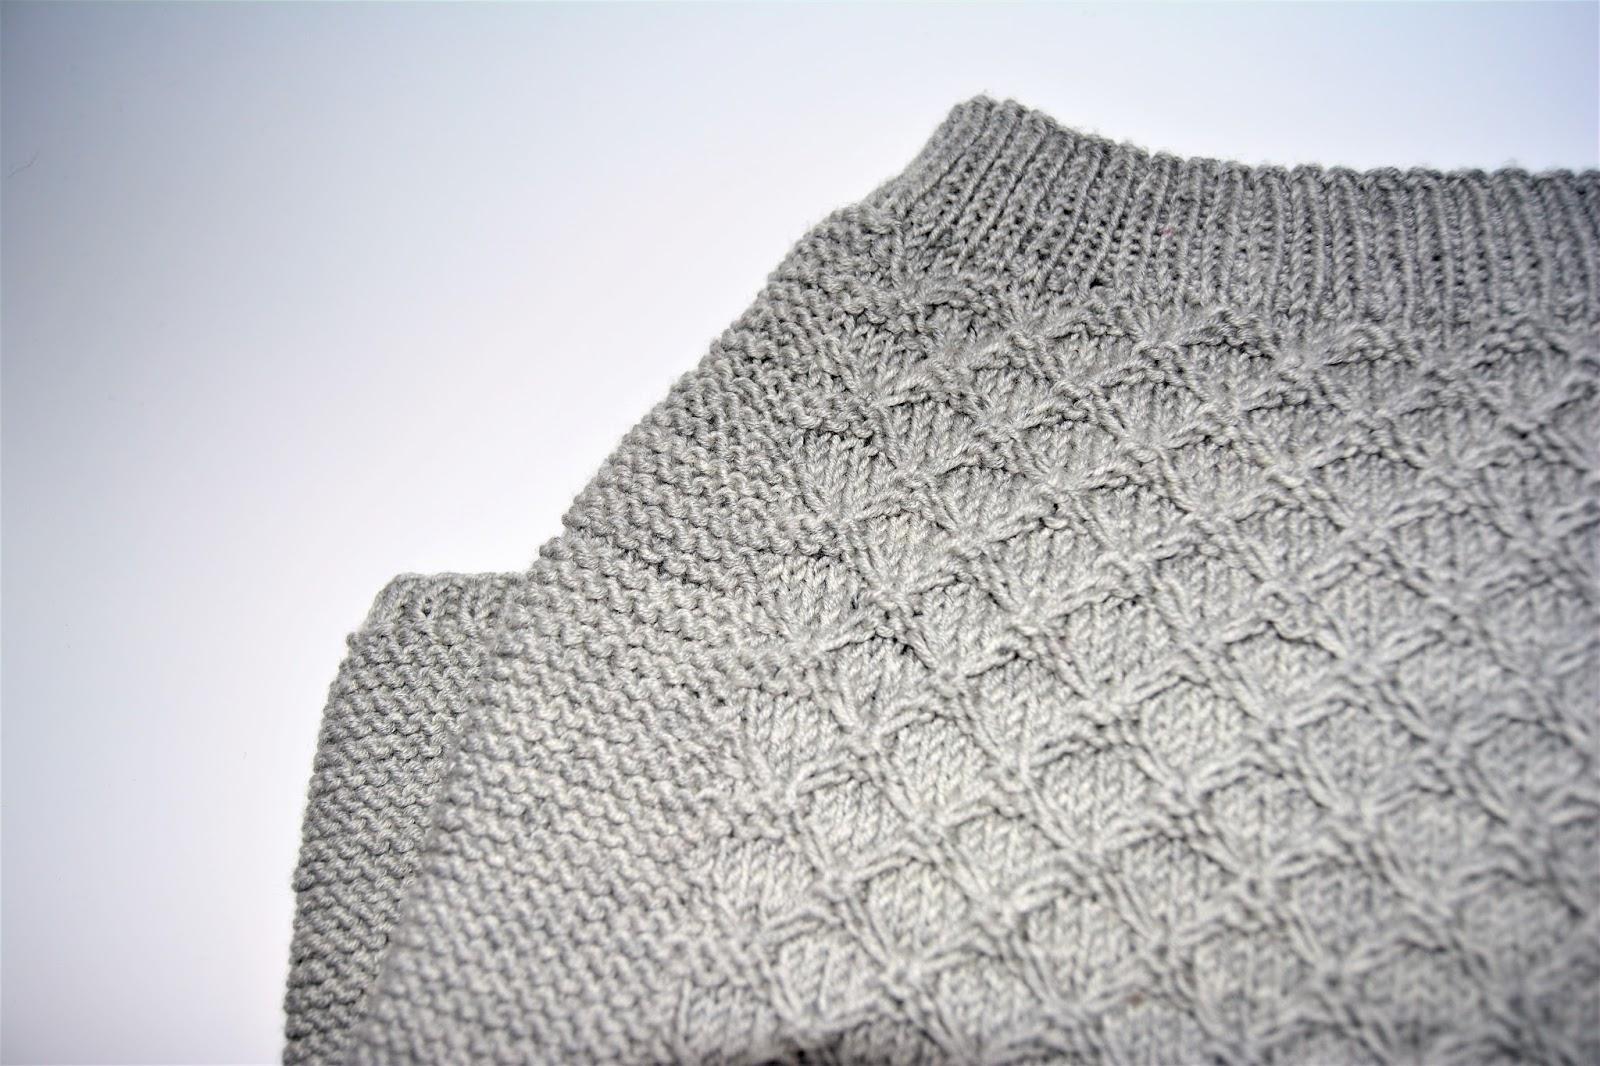 bf4640e6 Kjempefornøyd med resultatet og liker strikkepinnene bedre og bedre: